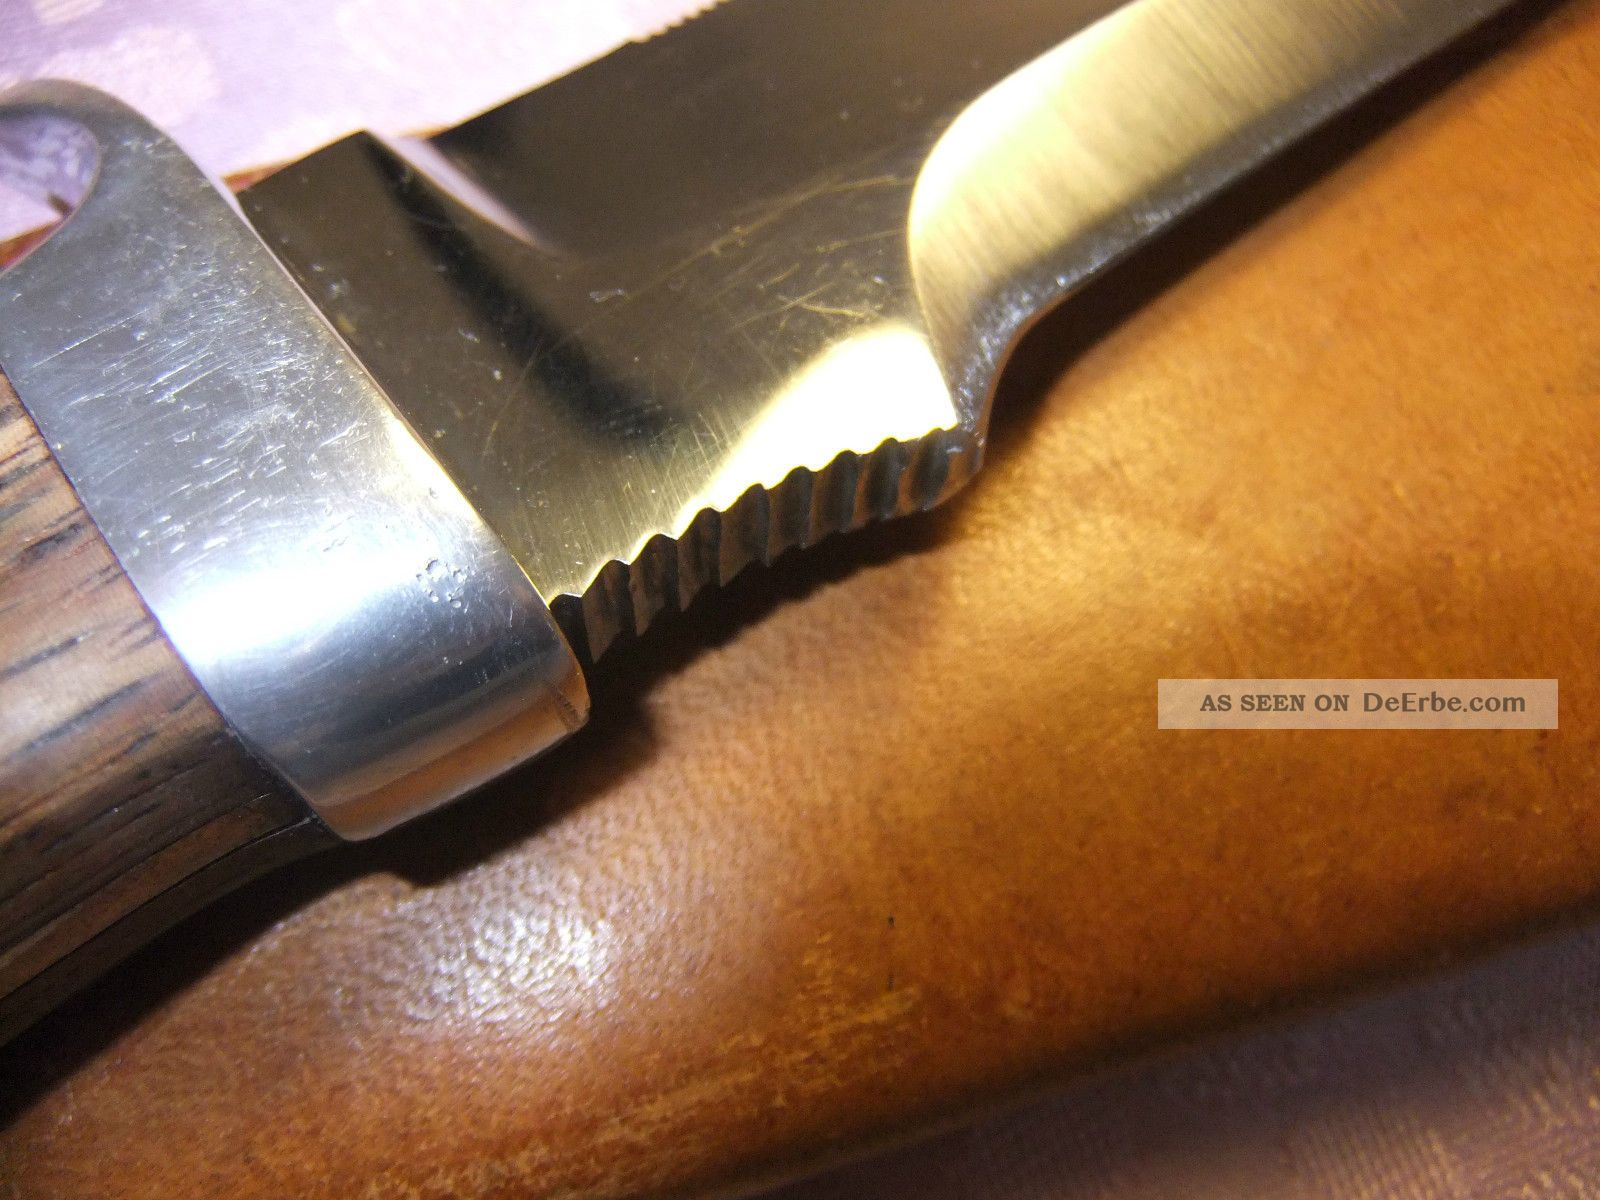 puma automesser seriennummer